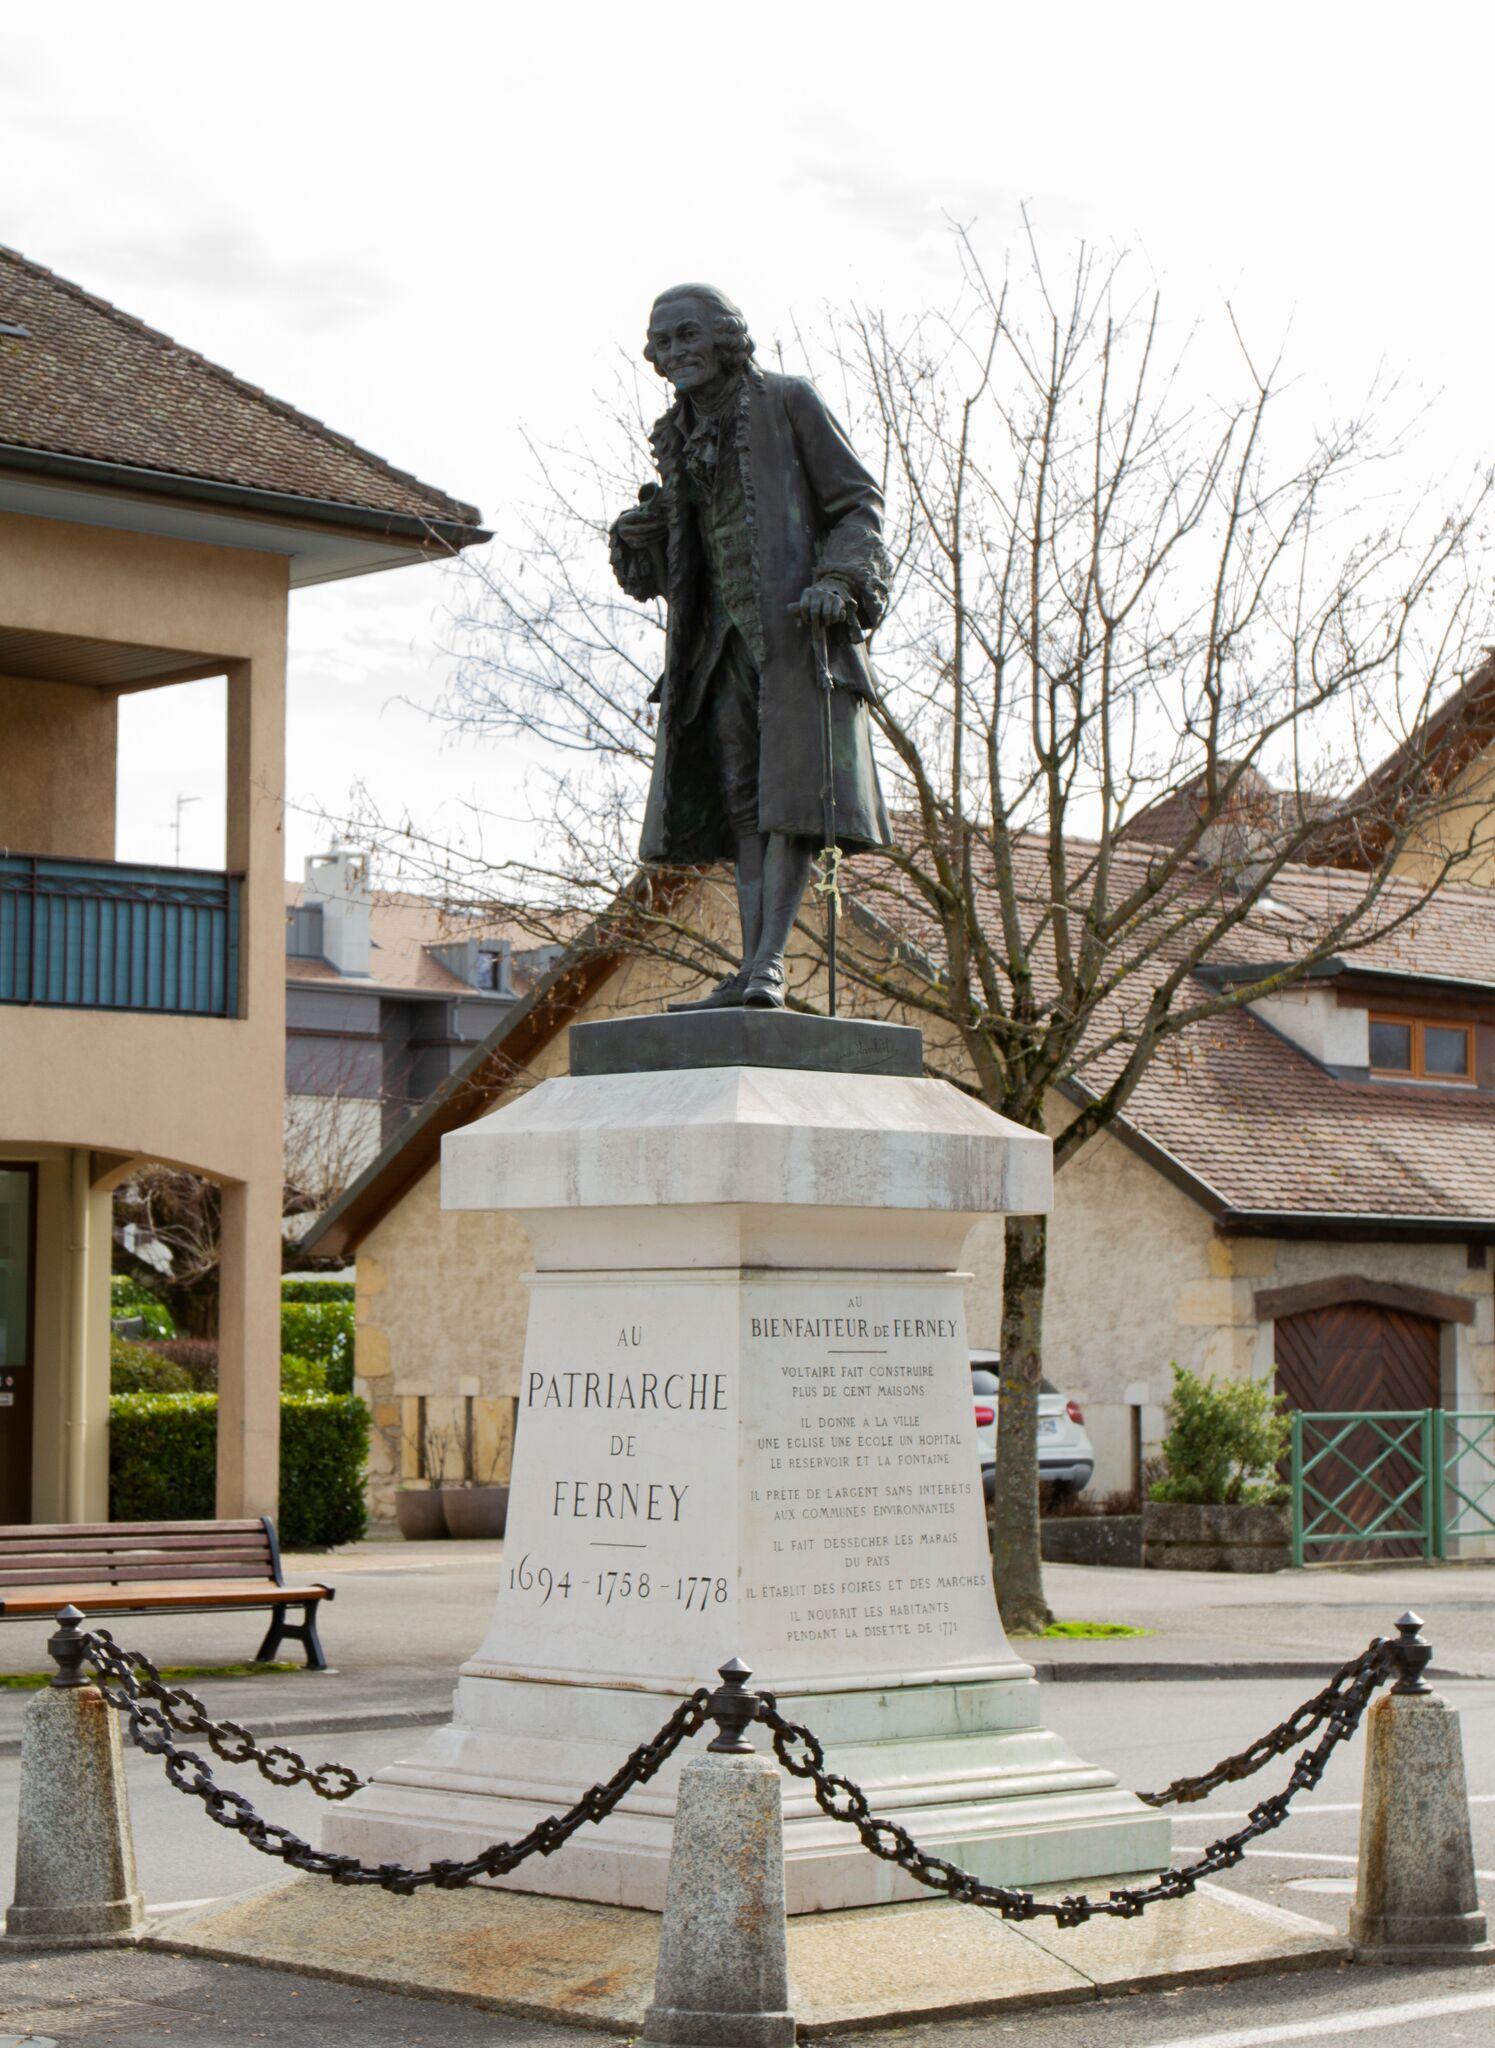 Patrimoine - Mairie de Ferney-Voltaire